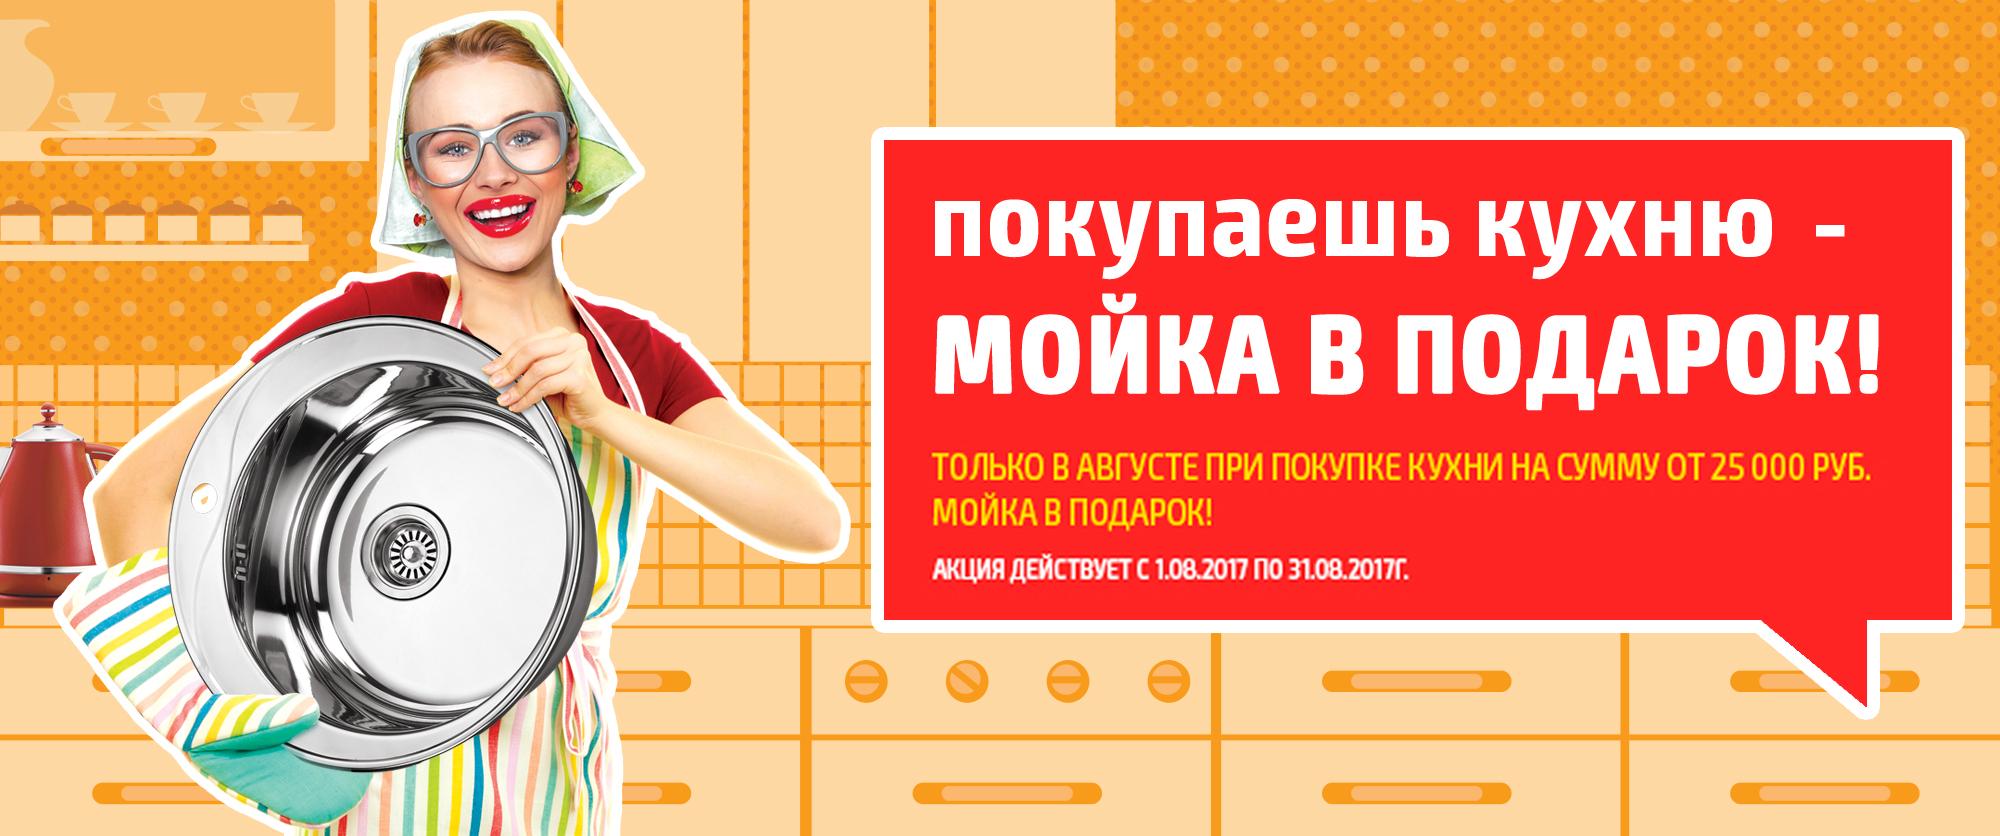 Подарок за покупку кухни 16